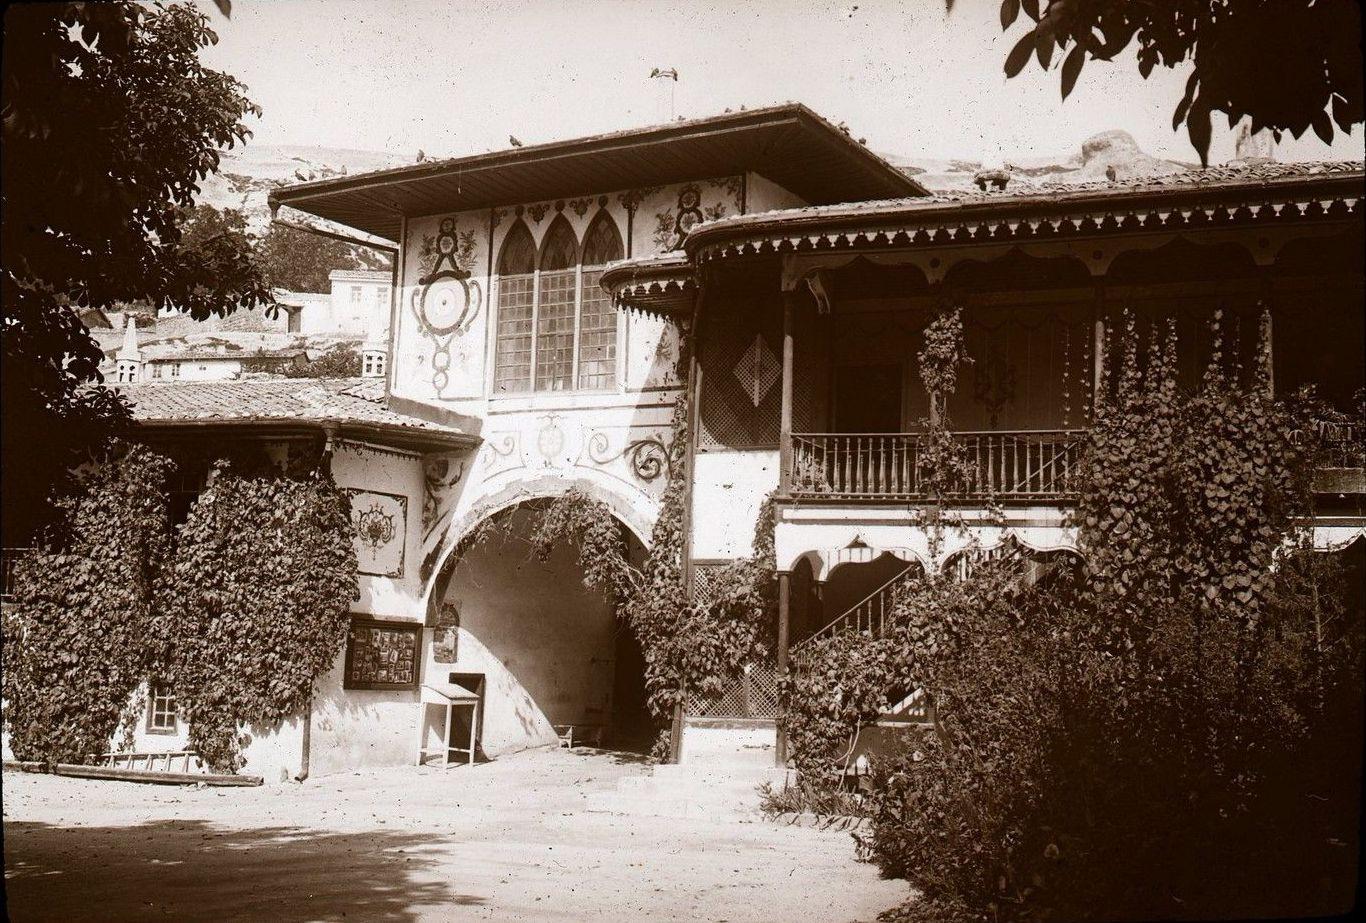 Бахчисарай. Ханский дворец. Северные ворота2